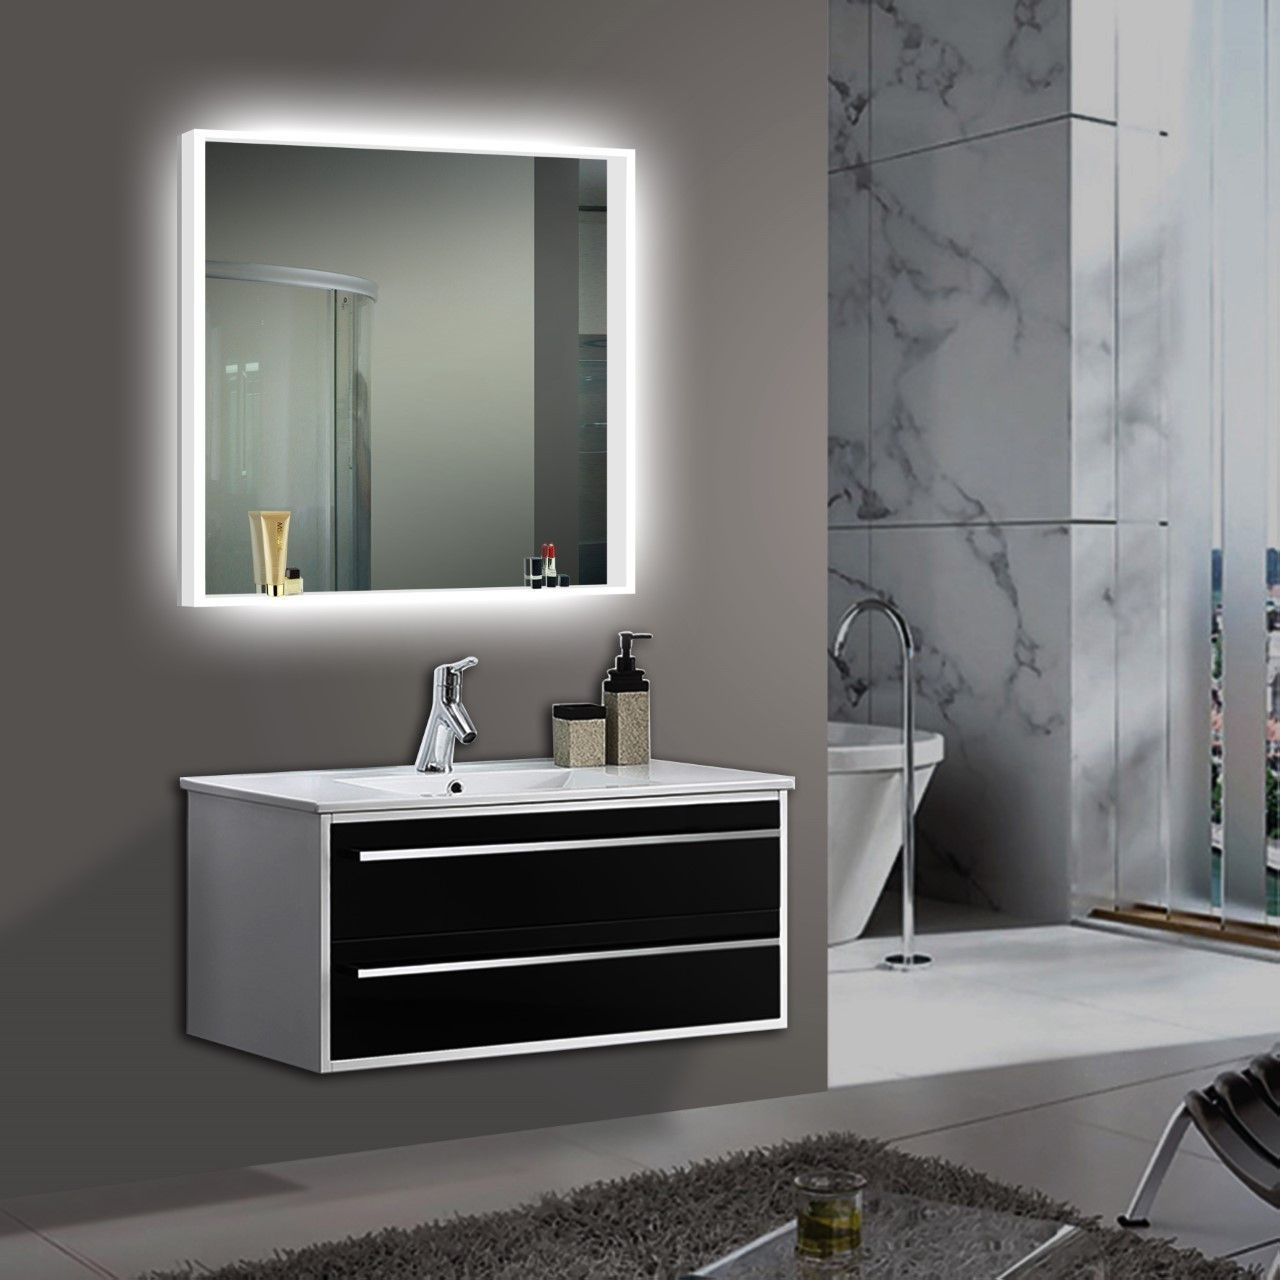 Beleuchtete Bad Spiegel  Badezimmerspiegel beleuchtung